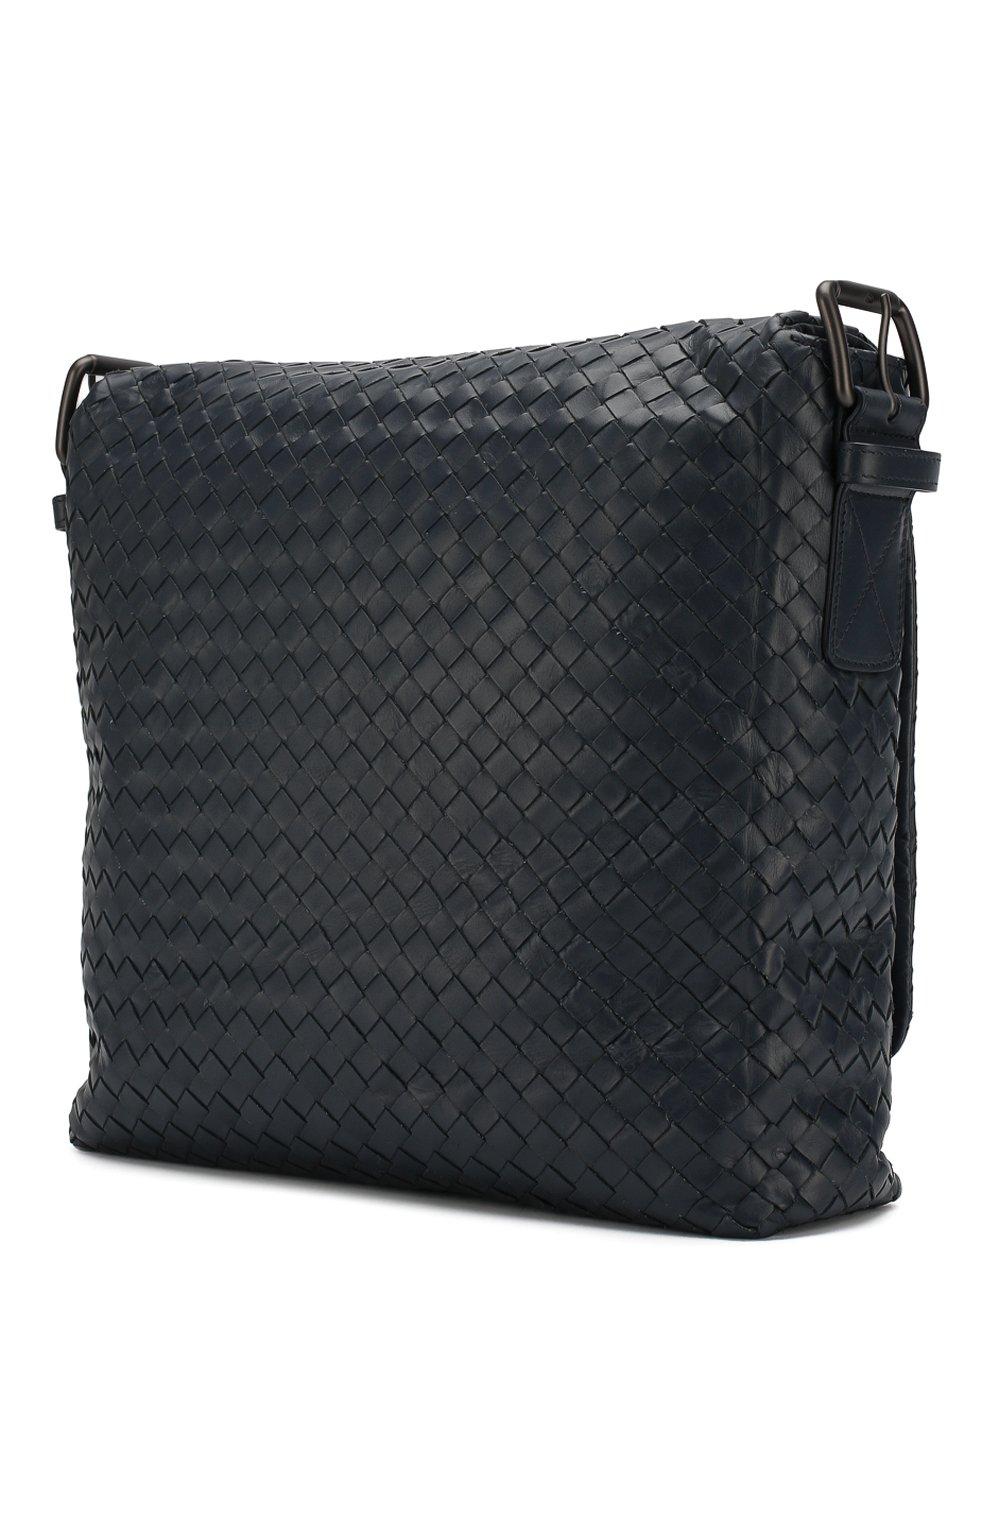 335184682c869 Кожаная сумка-планшет с плетением intrecciato Bottega Veneta темно-синяя